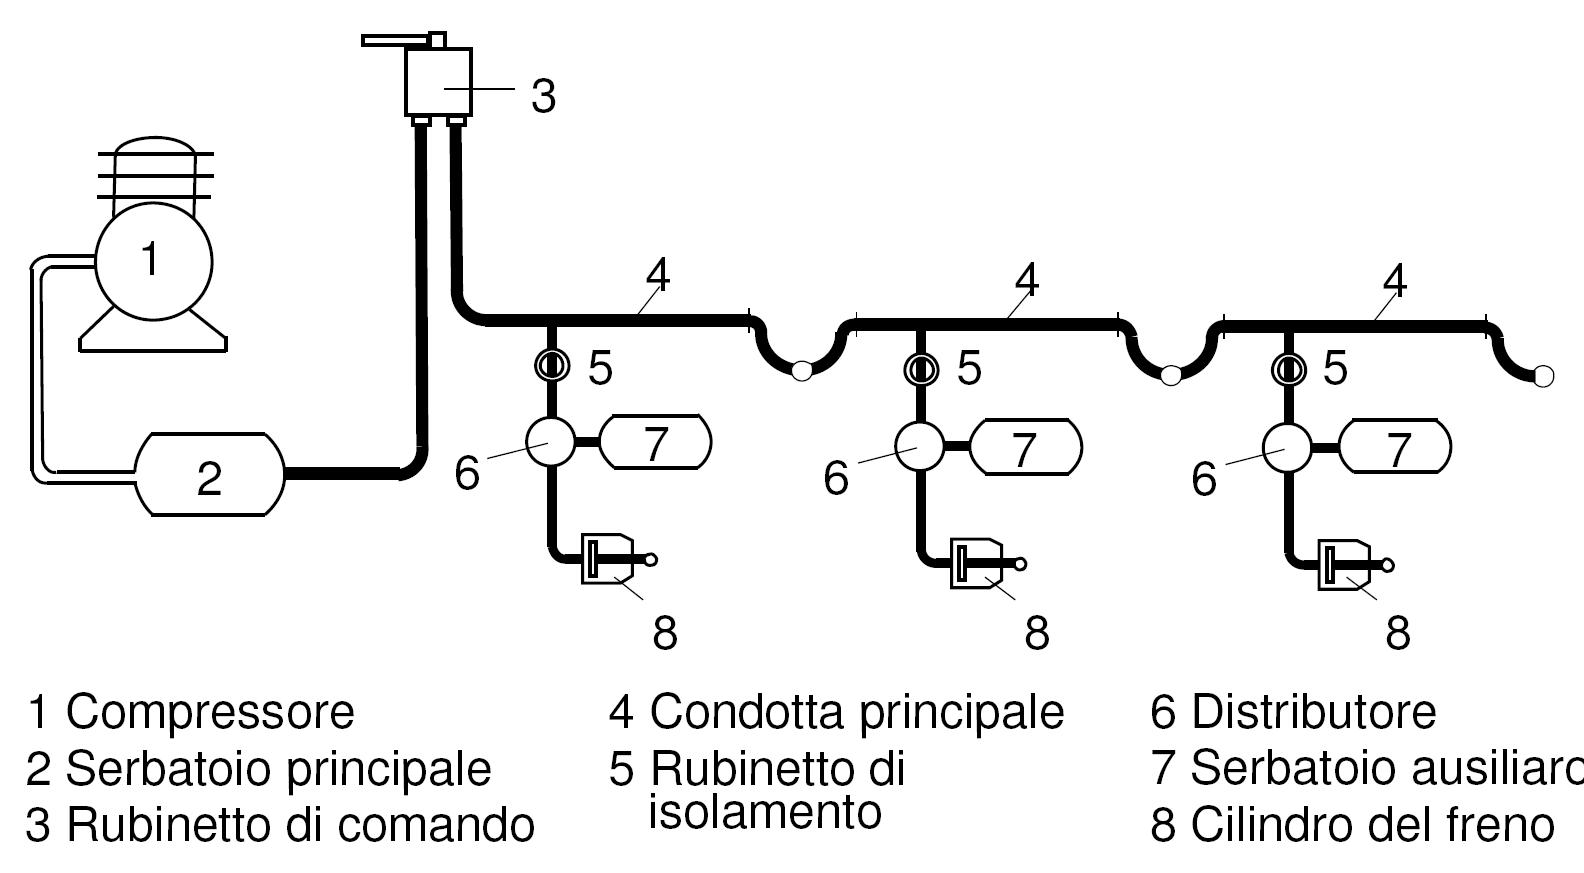 Impianti Di Frenatura Ad Aria Compressa.File Principio Del Freno Automatico Ad Aria Compressa Png